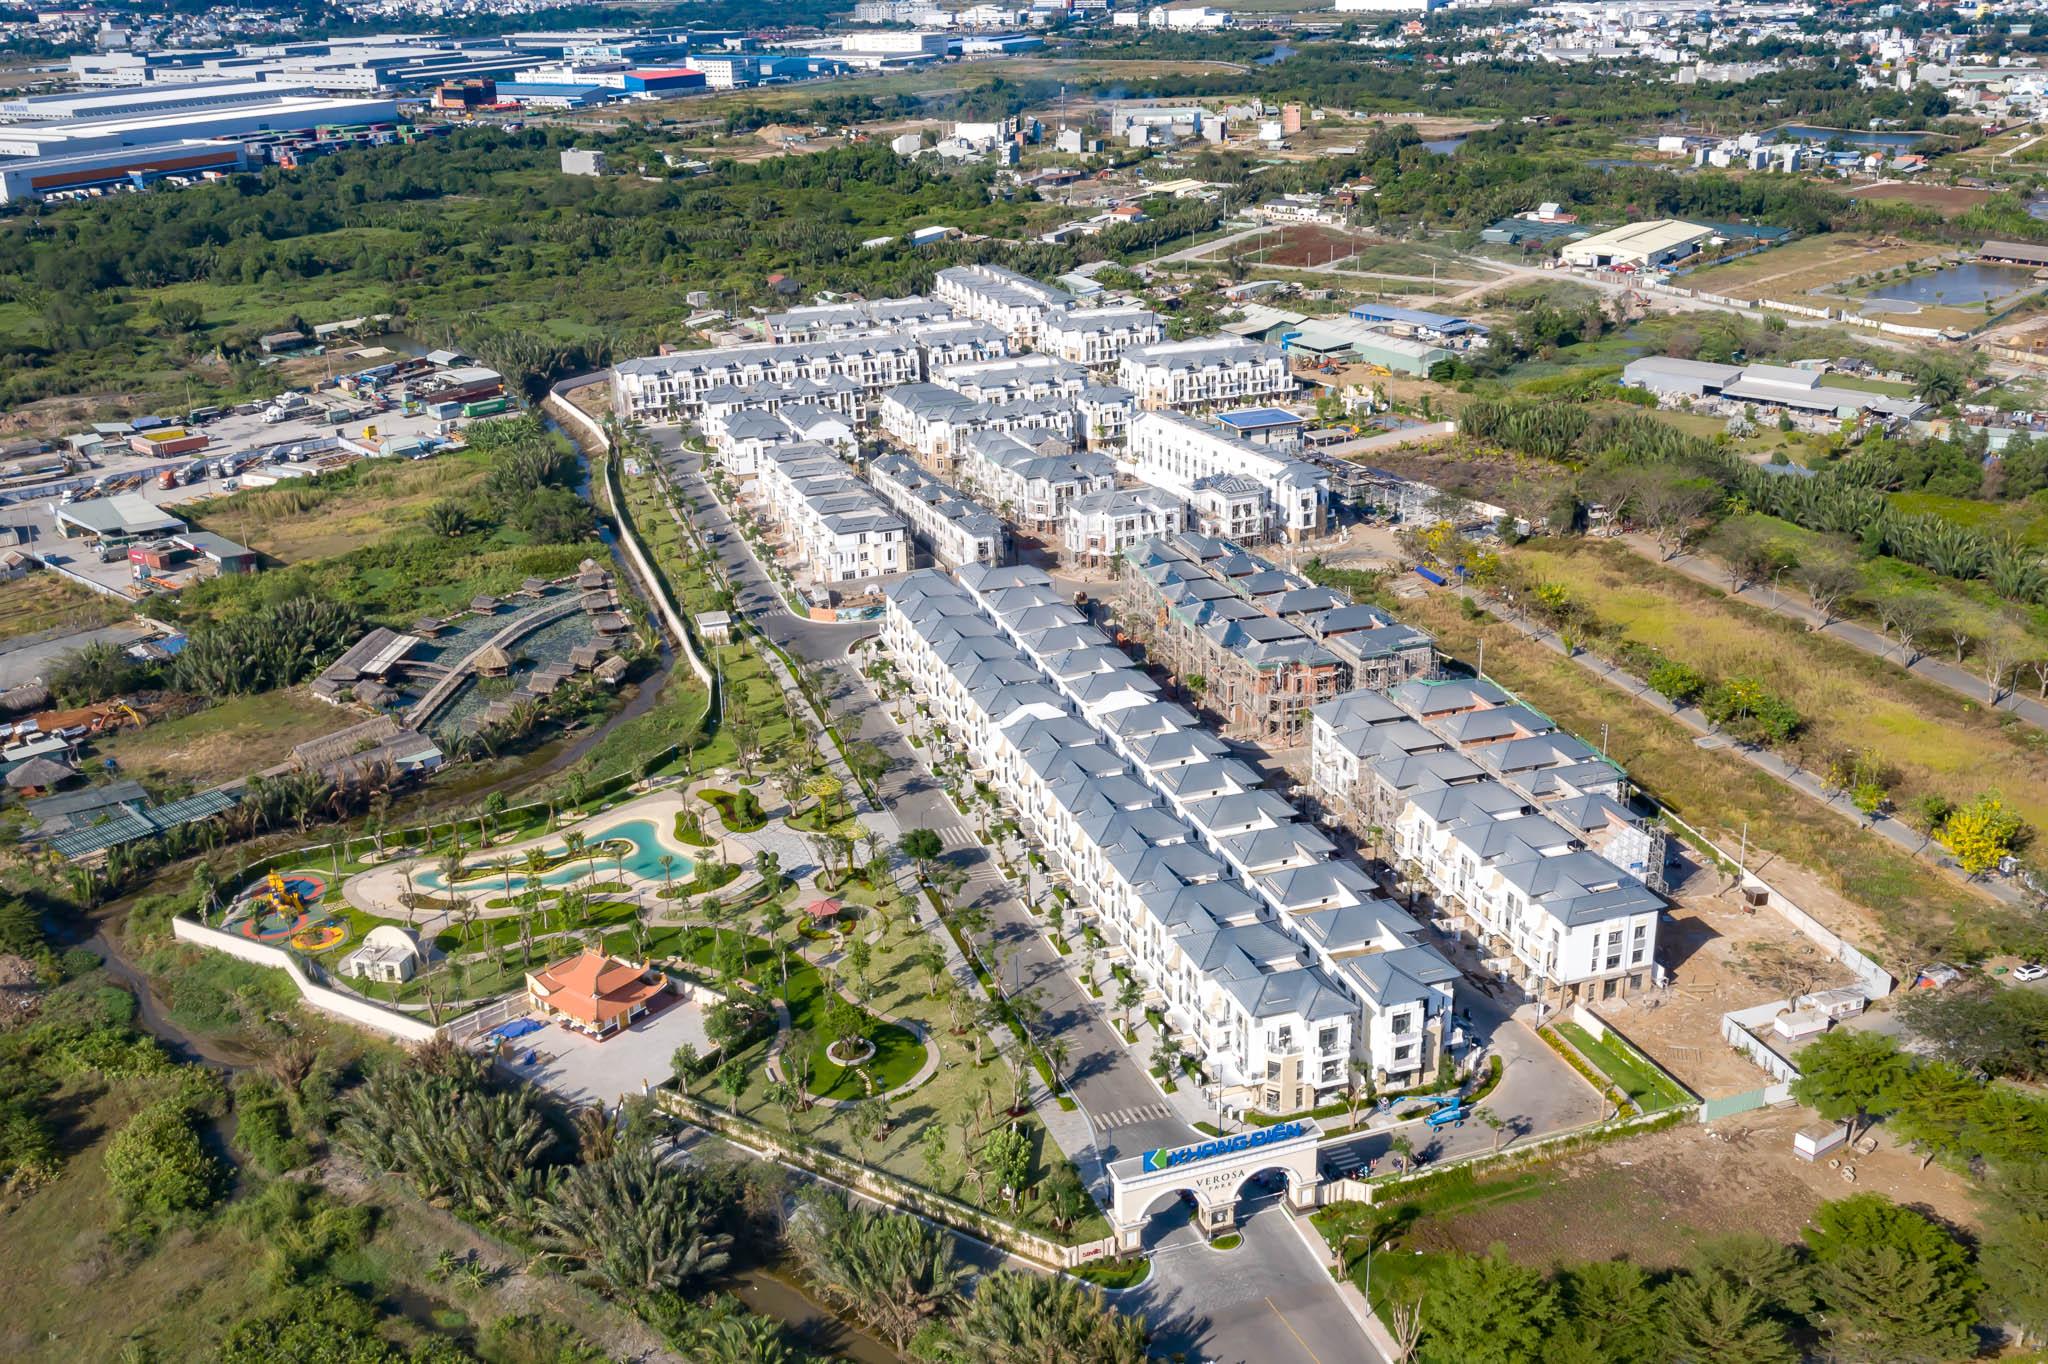 Khang Điền gom đất Quận 2, rót hơn nghìn tỷ vào các công ty con - Ảnh 1.